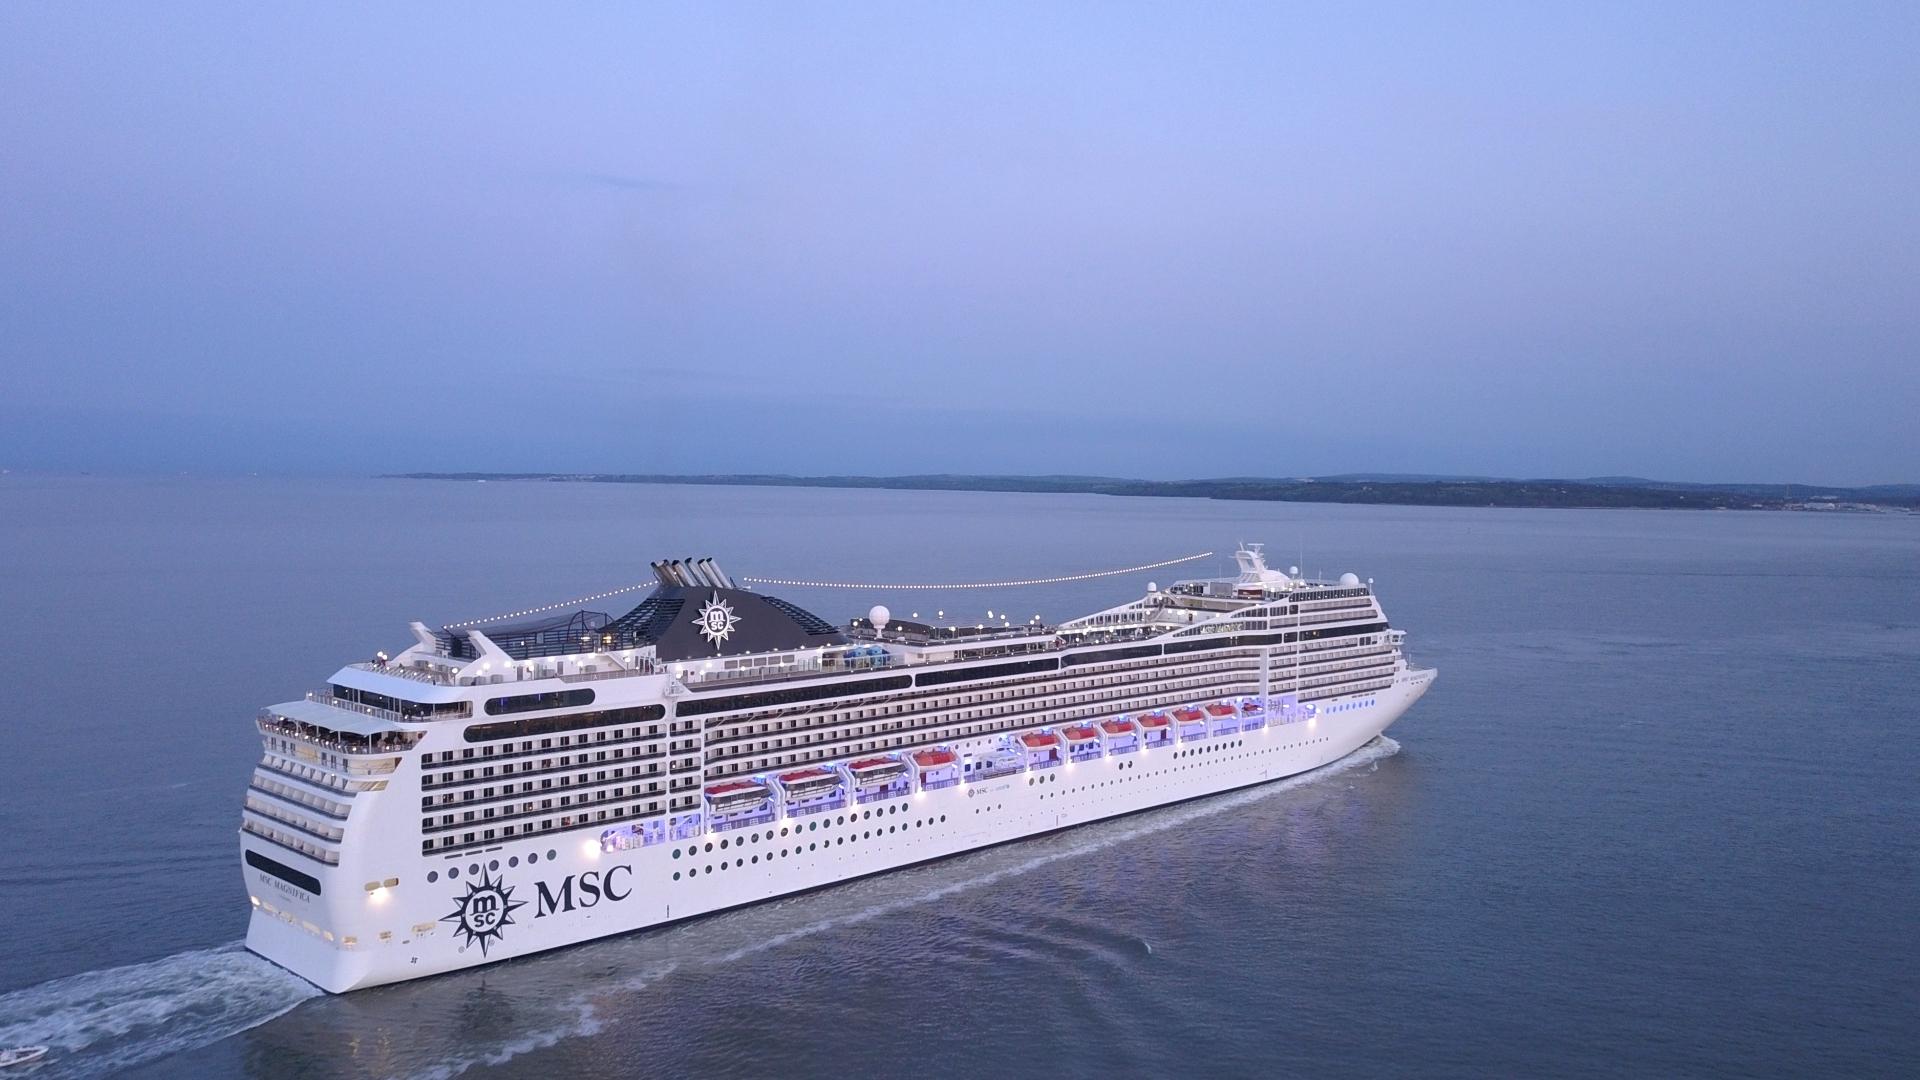 El imperdible crucero para recorrer el mundo en 2020: MSC World Cruise